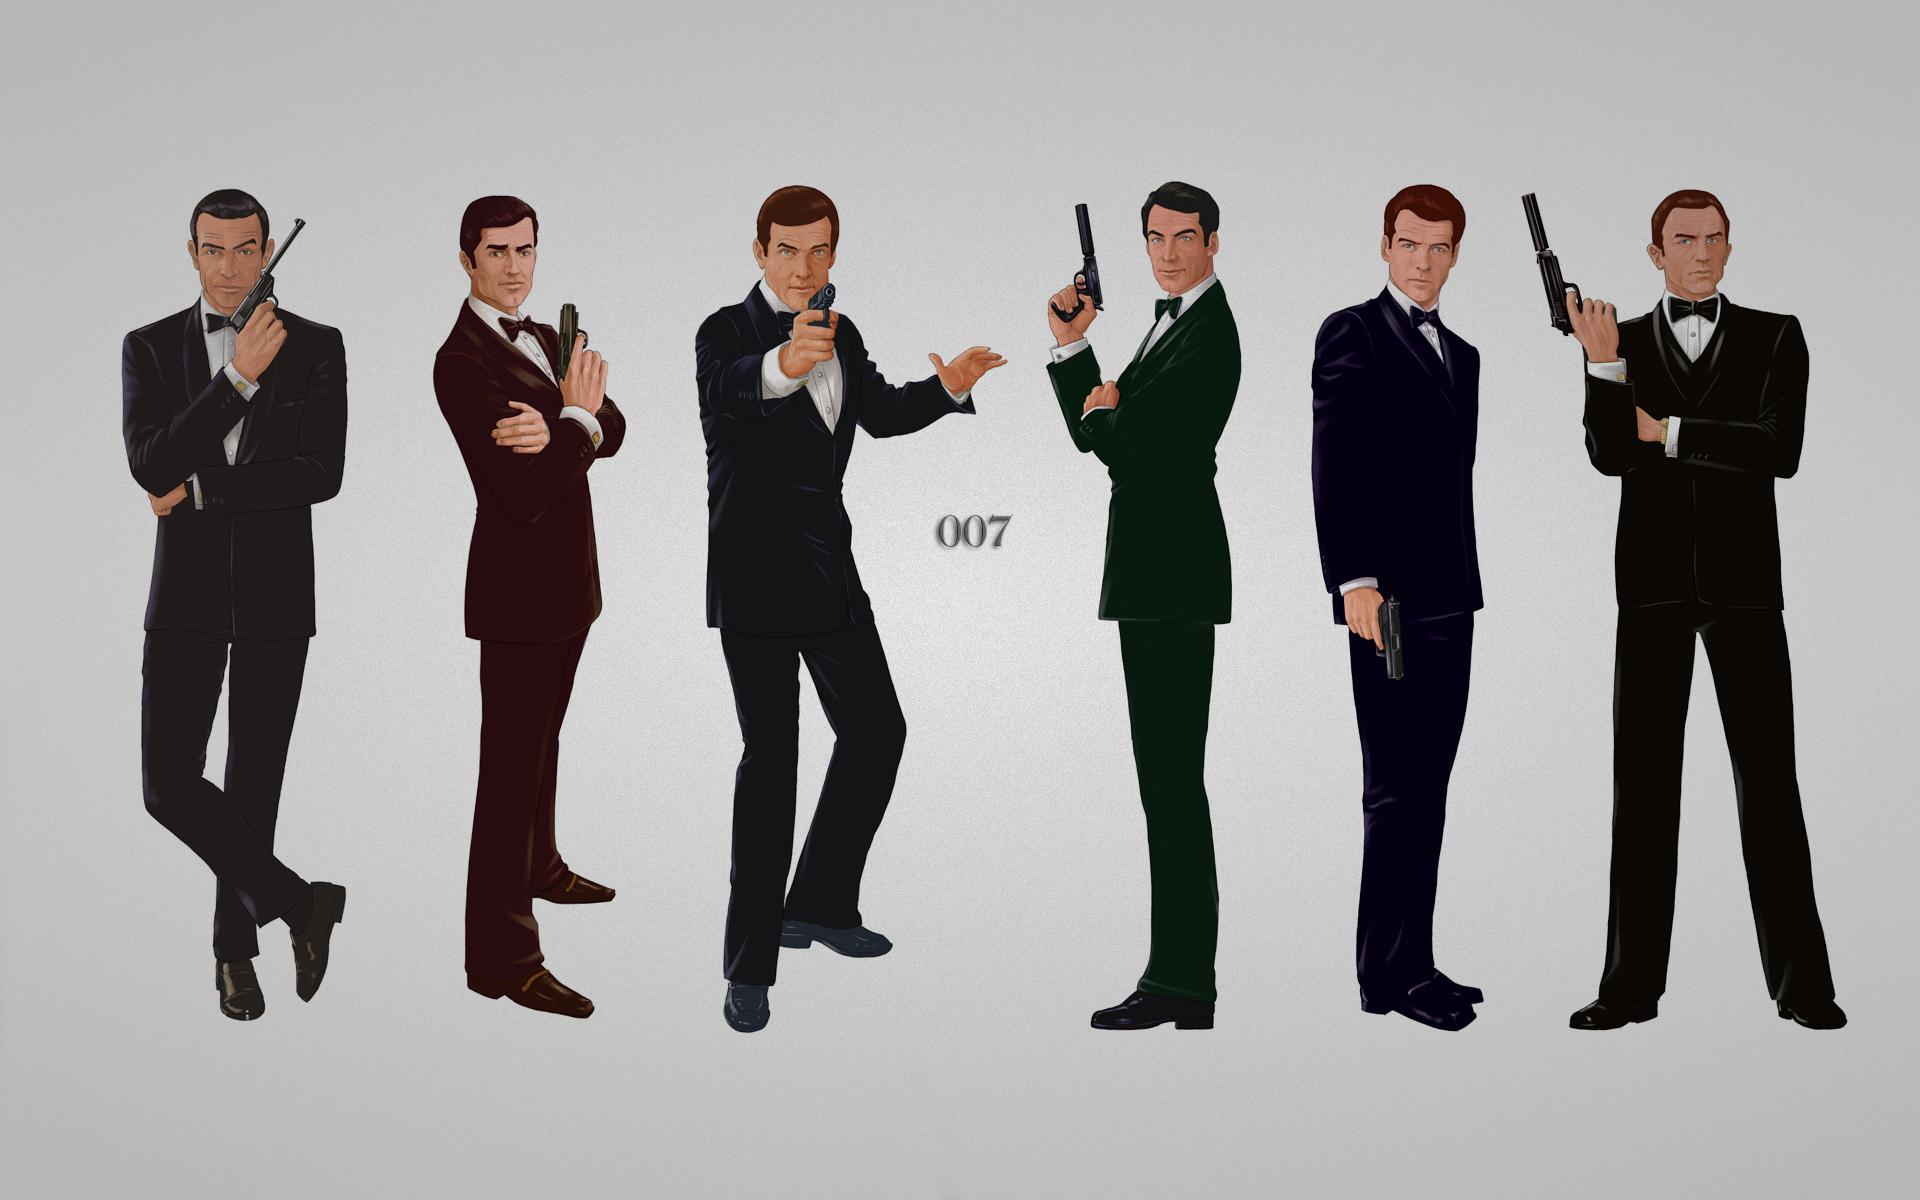 007 제임스 본드의 권총: Walther PPk 와 P99